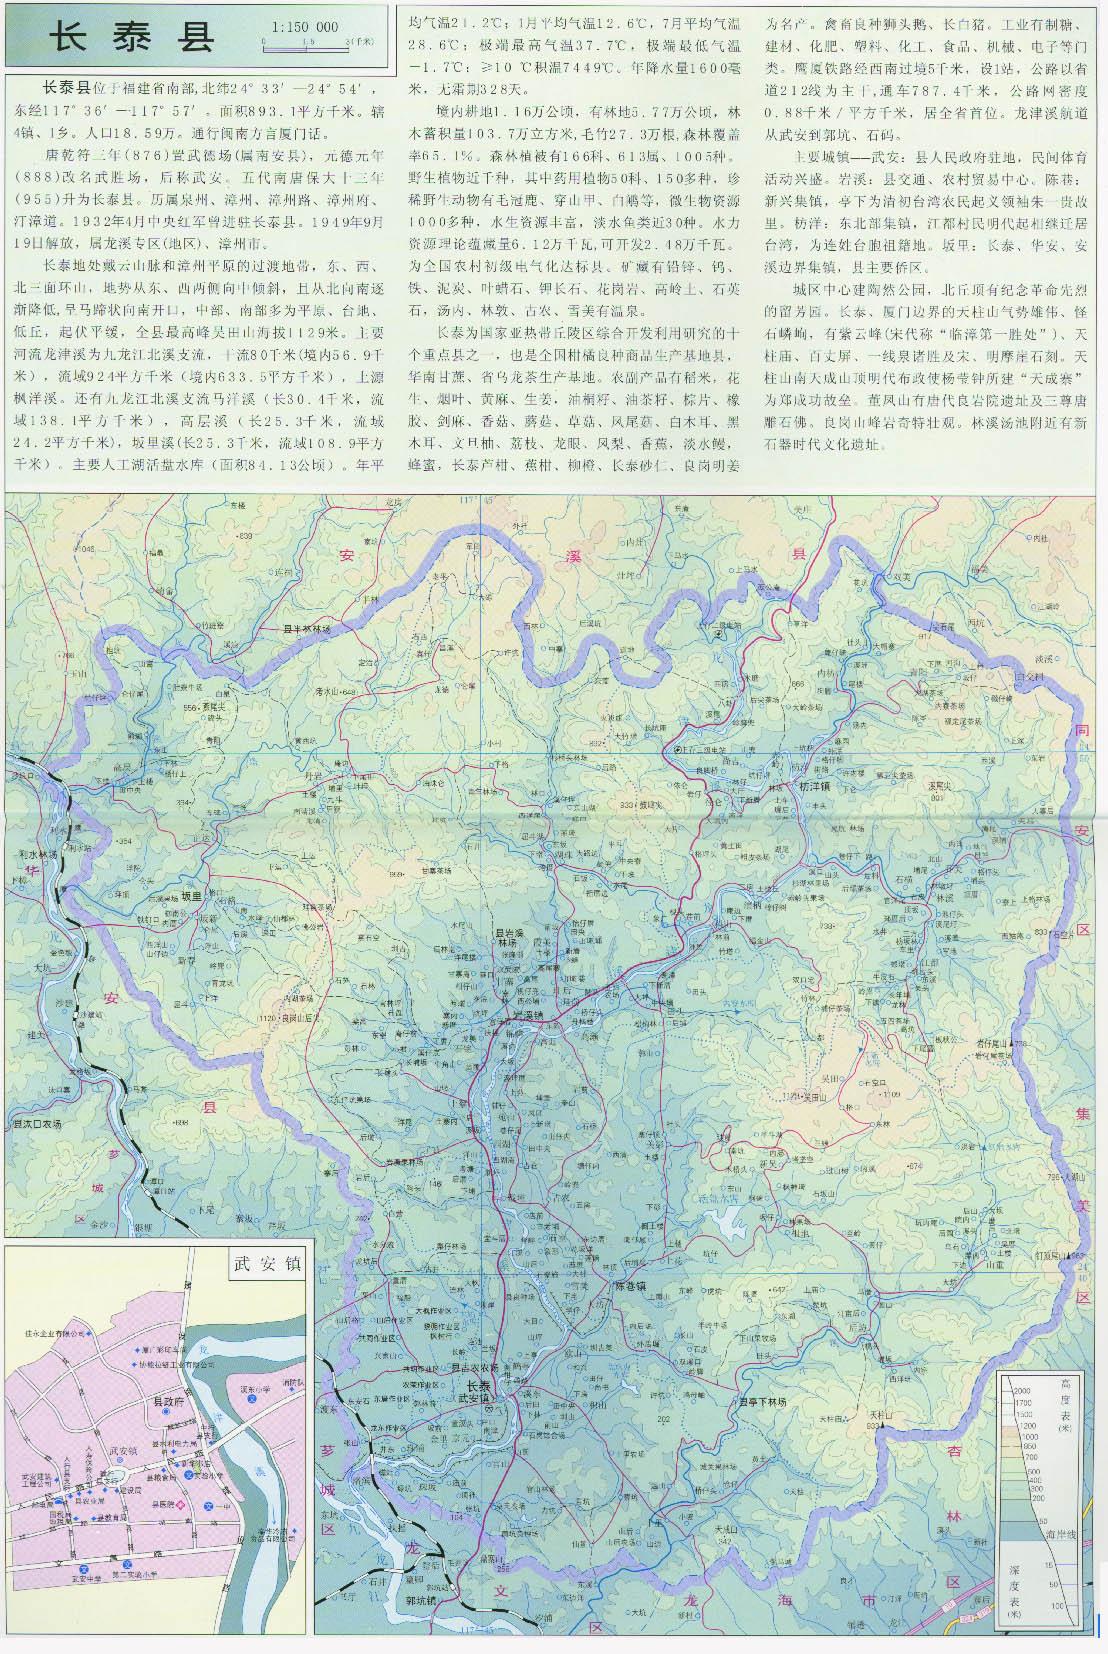 地图 长泰县/长泰县地图